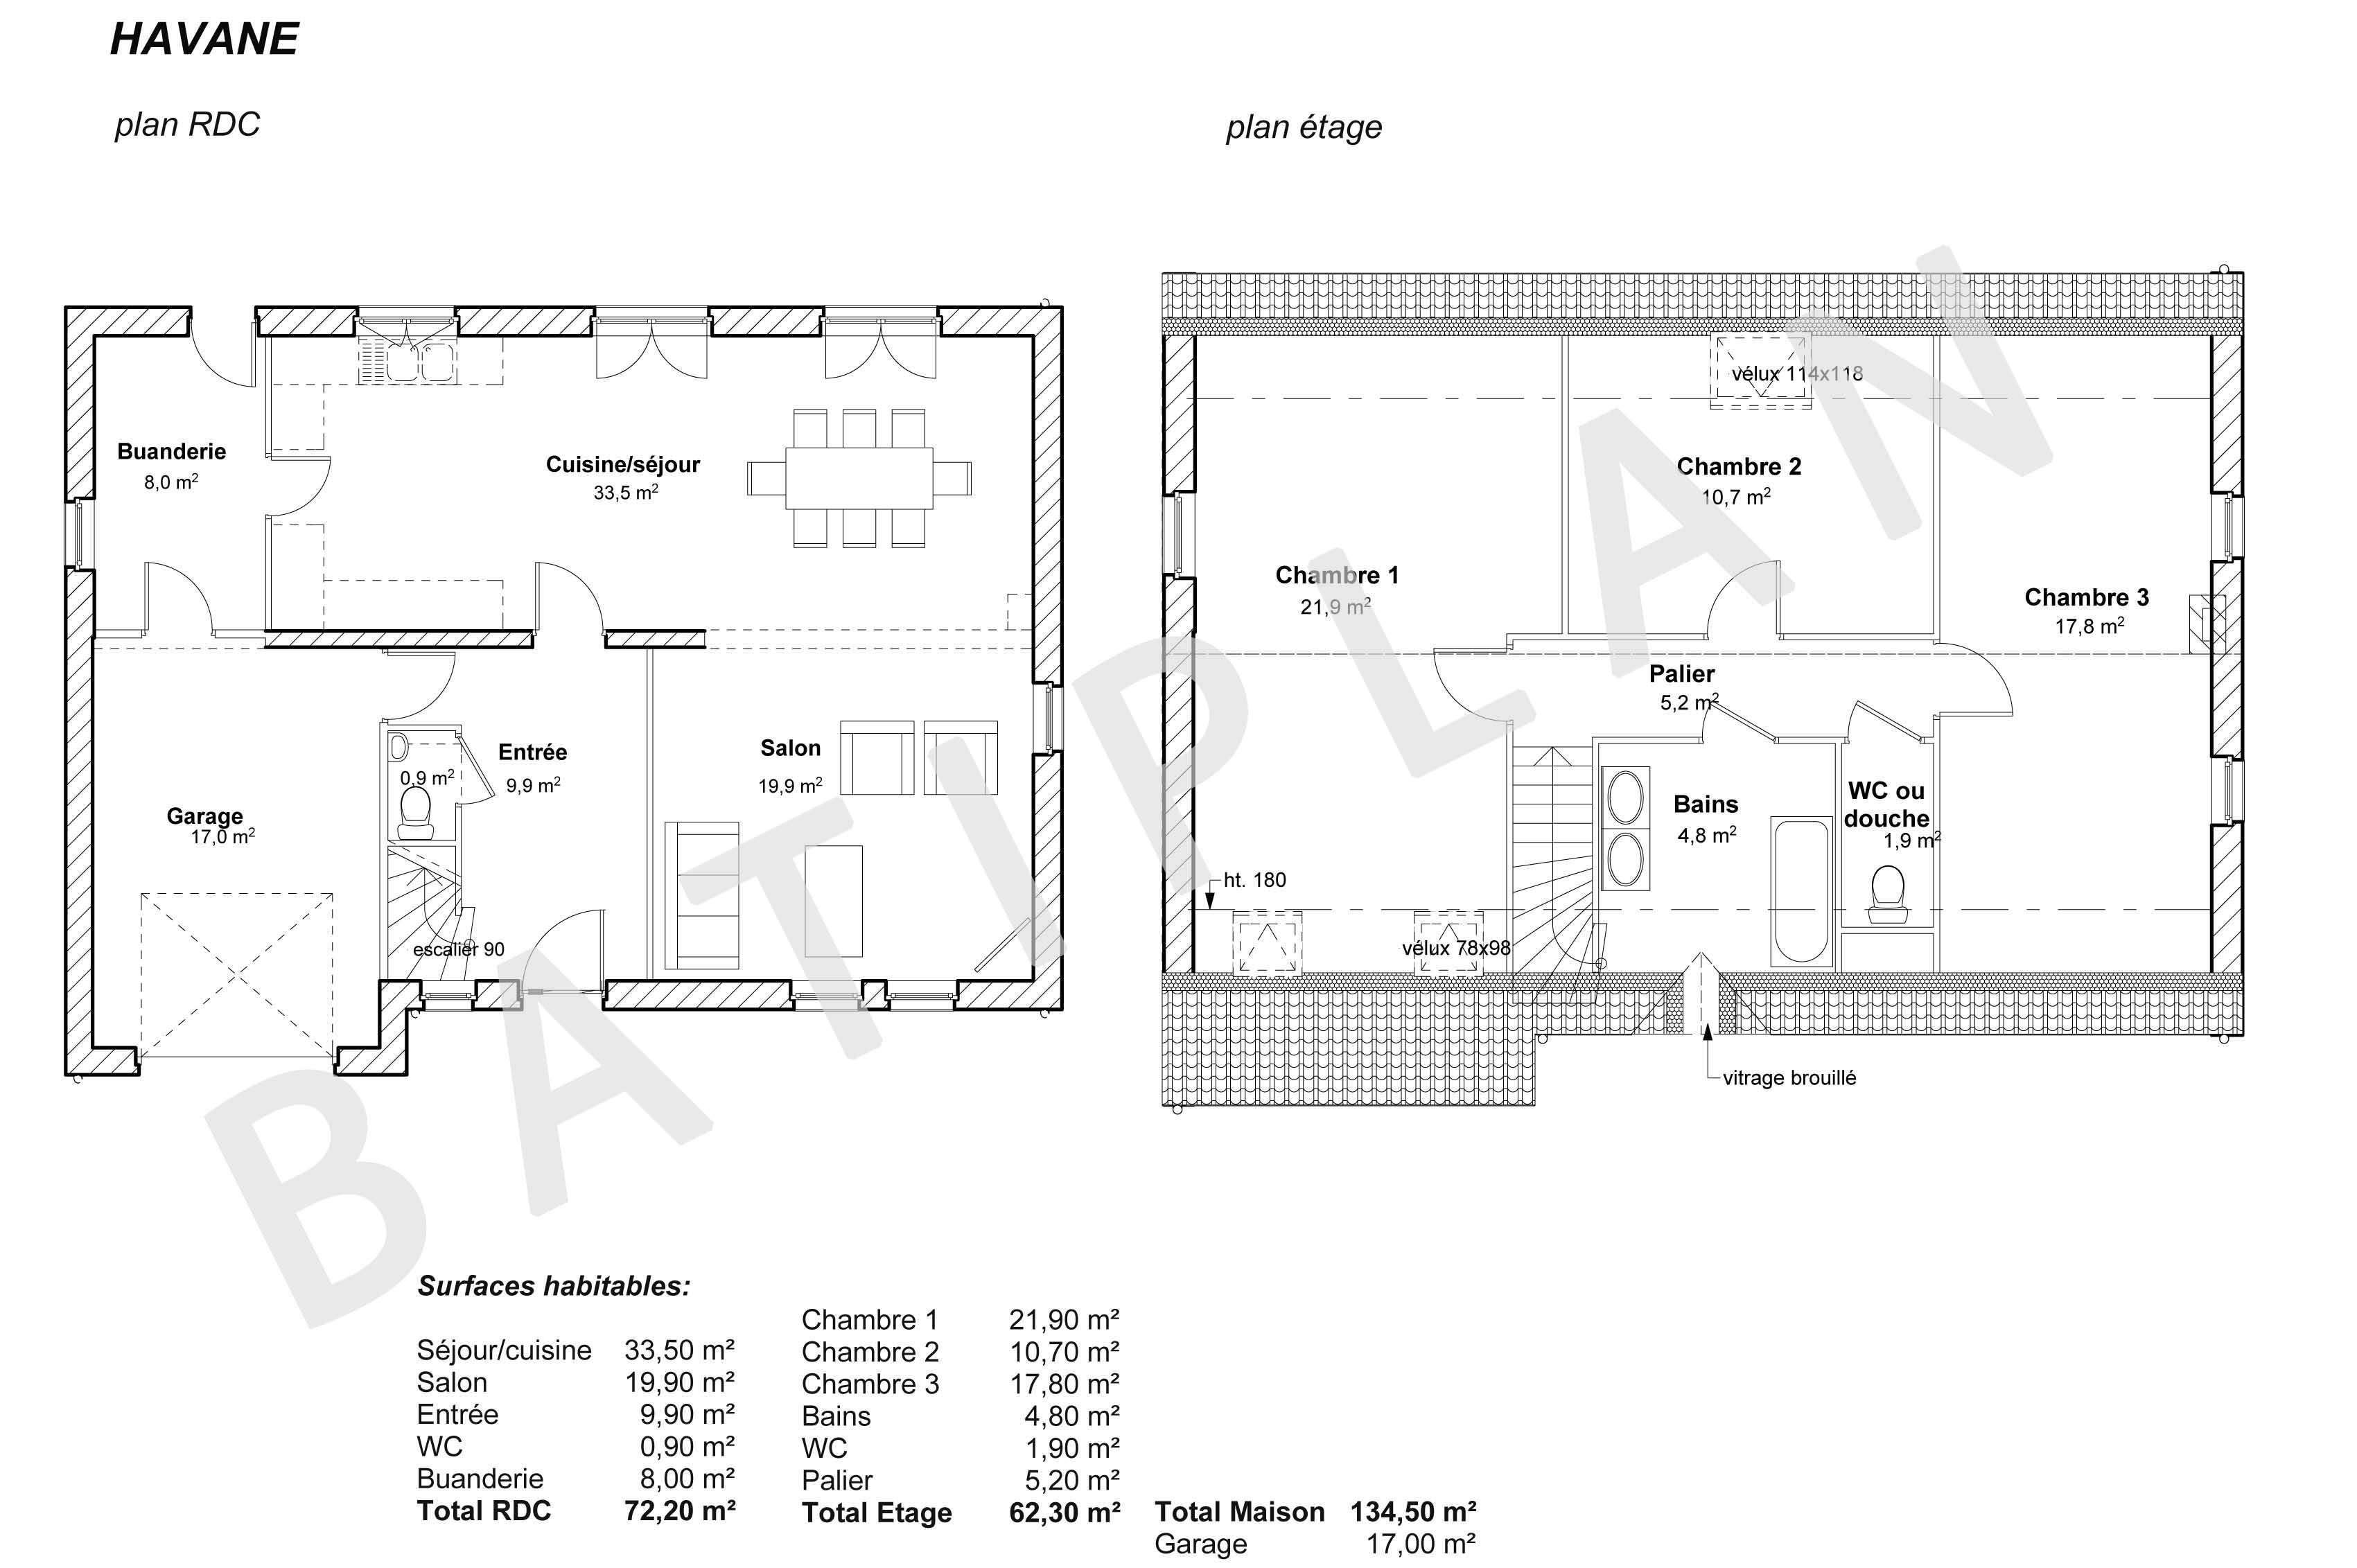 Plans et permis de construire notre plan de maison havane for Construire plan de maison